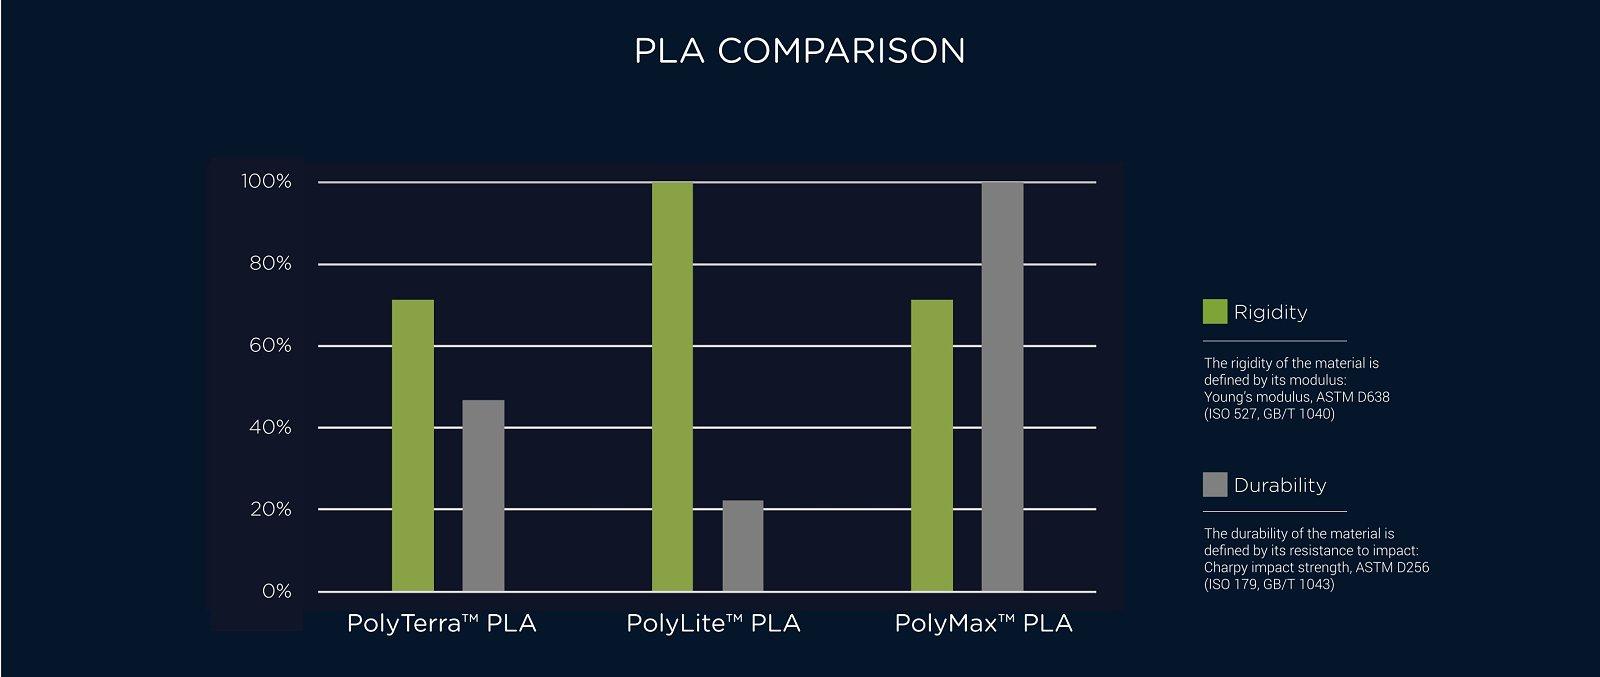 Polymaker-PLA-comparison-2021